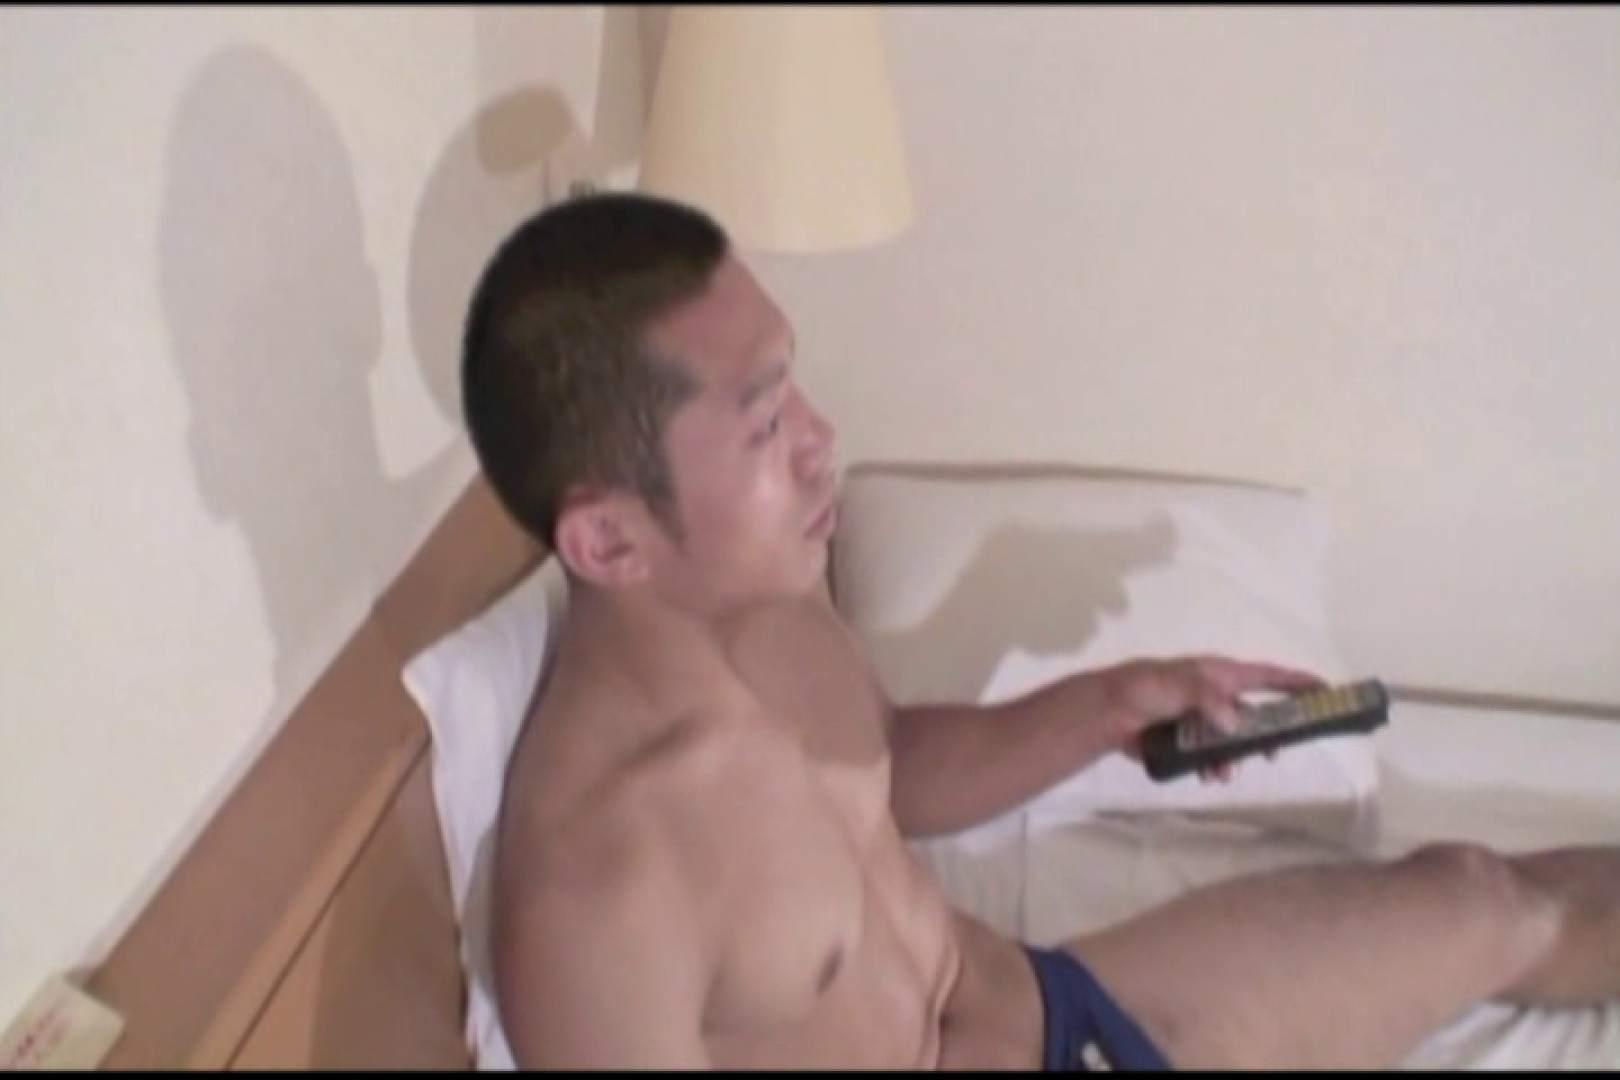 アナPさん投稿!目がパッチリなイケメンサル系男子の昇天劇。 完全無修正でお届け | イケメンのsex  107pic 26